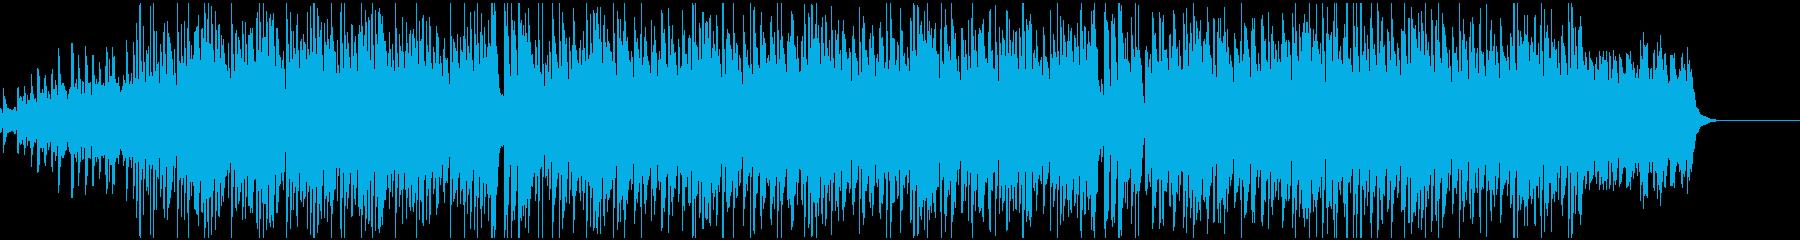 エレクトロニックで疾走感のあるBGMの再生済みの波形